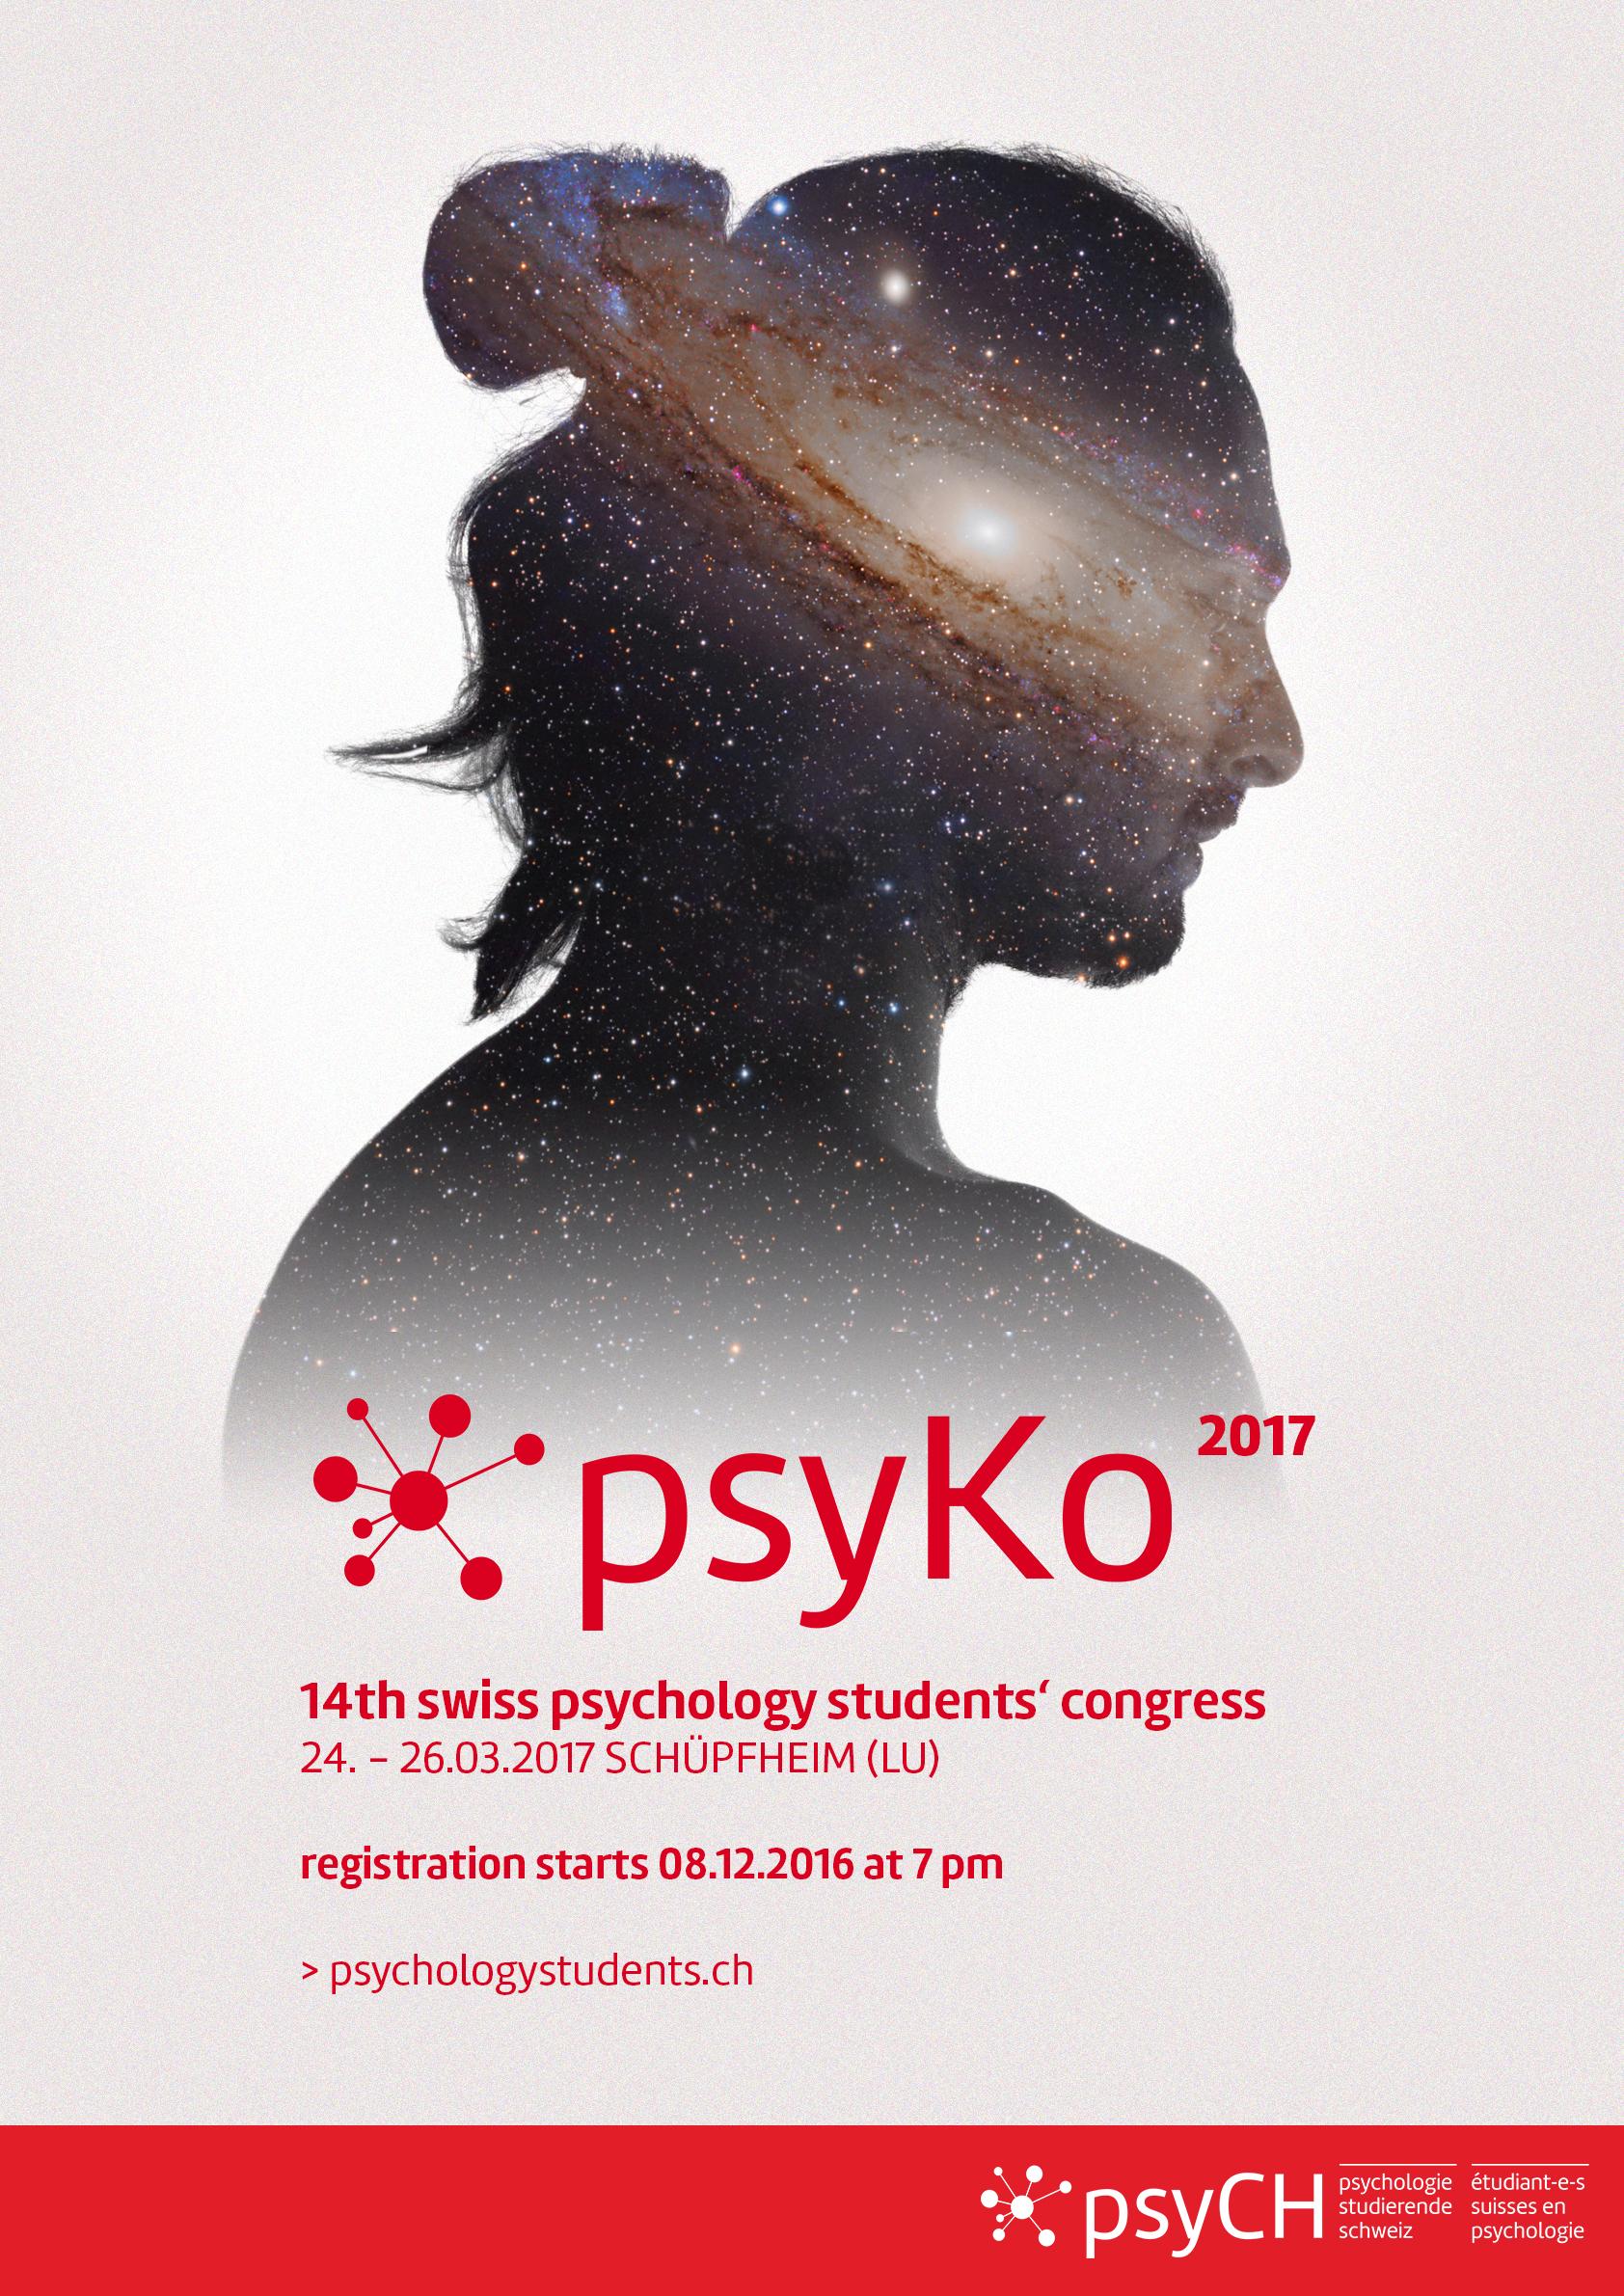 Psyko17 weboptimiert